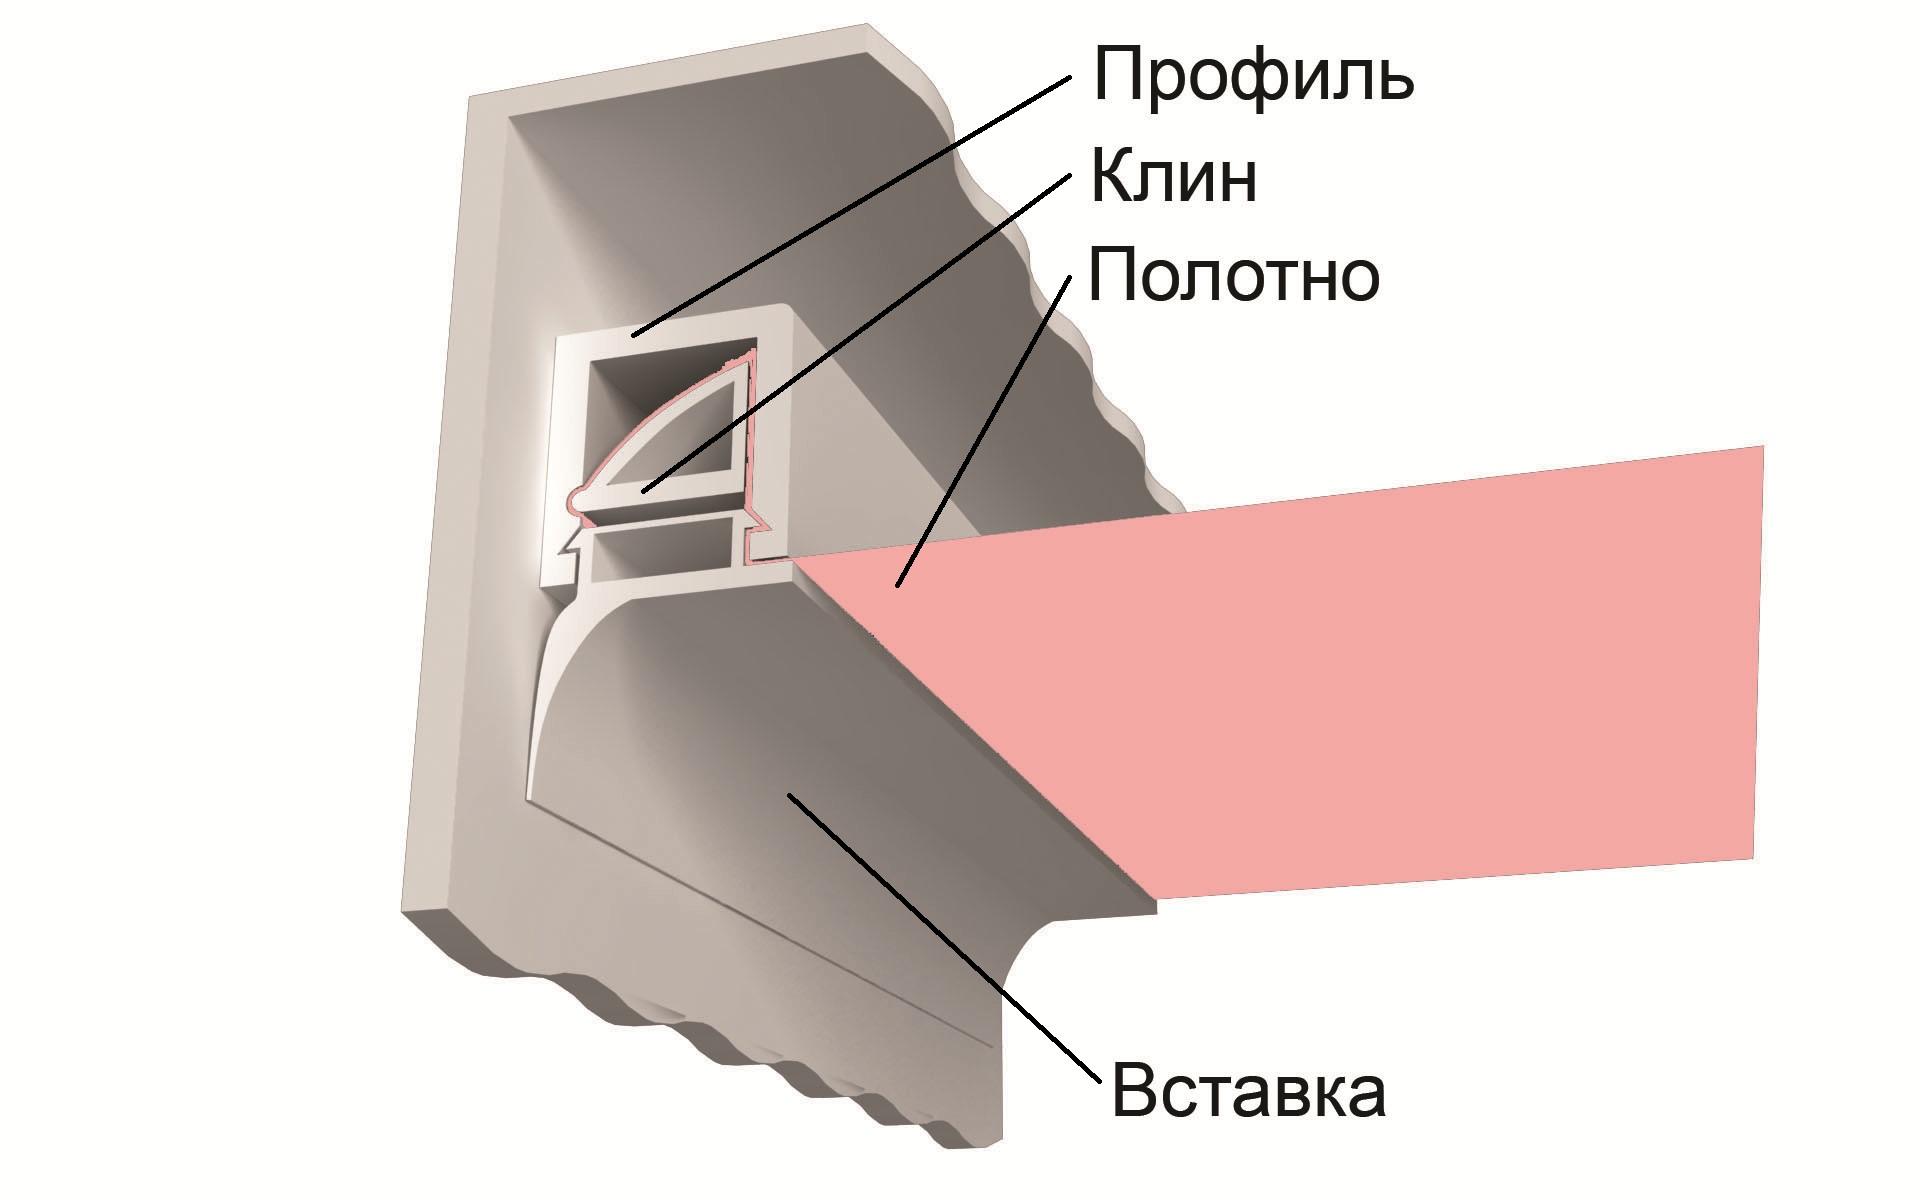 ustanovka-natyazhnyh-tkanevyh-potolkov